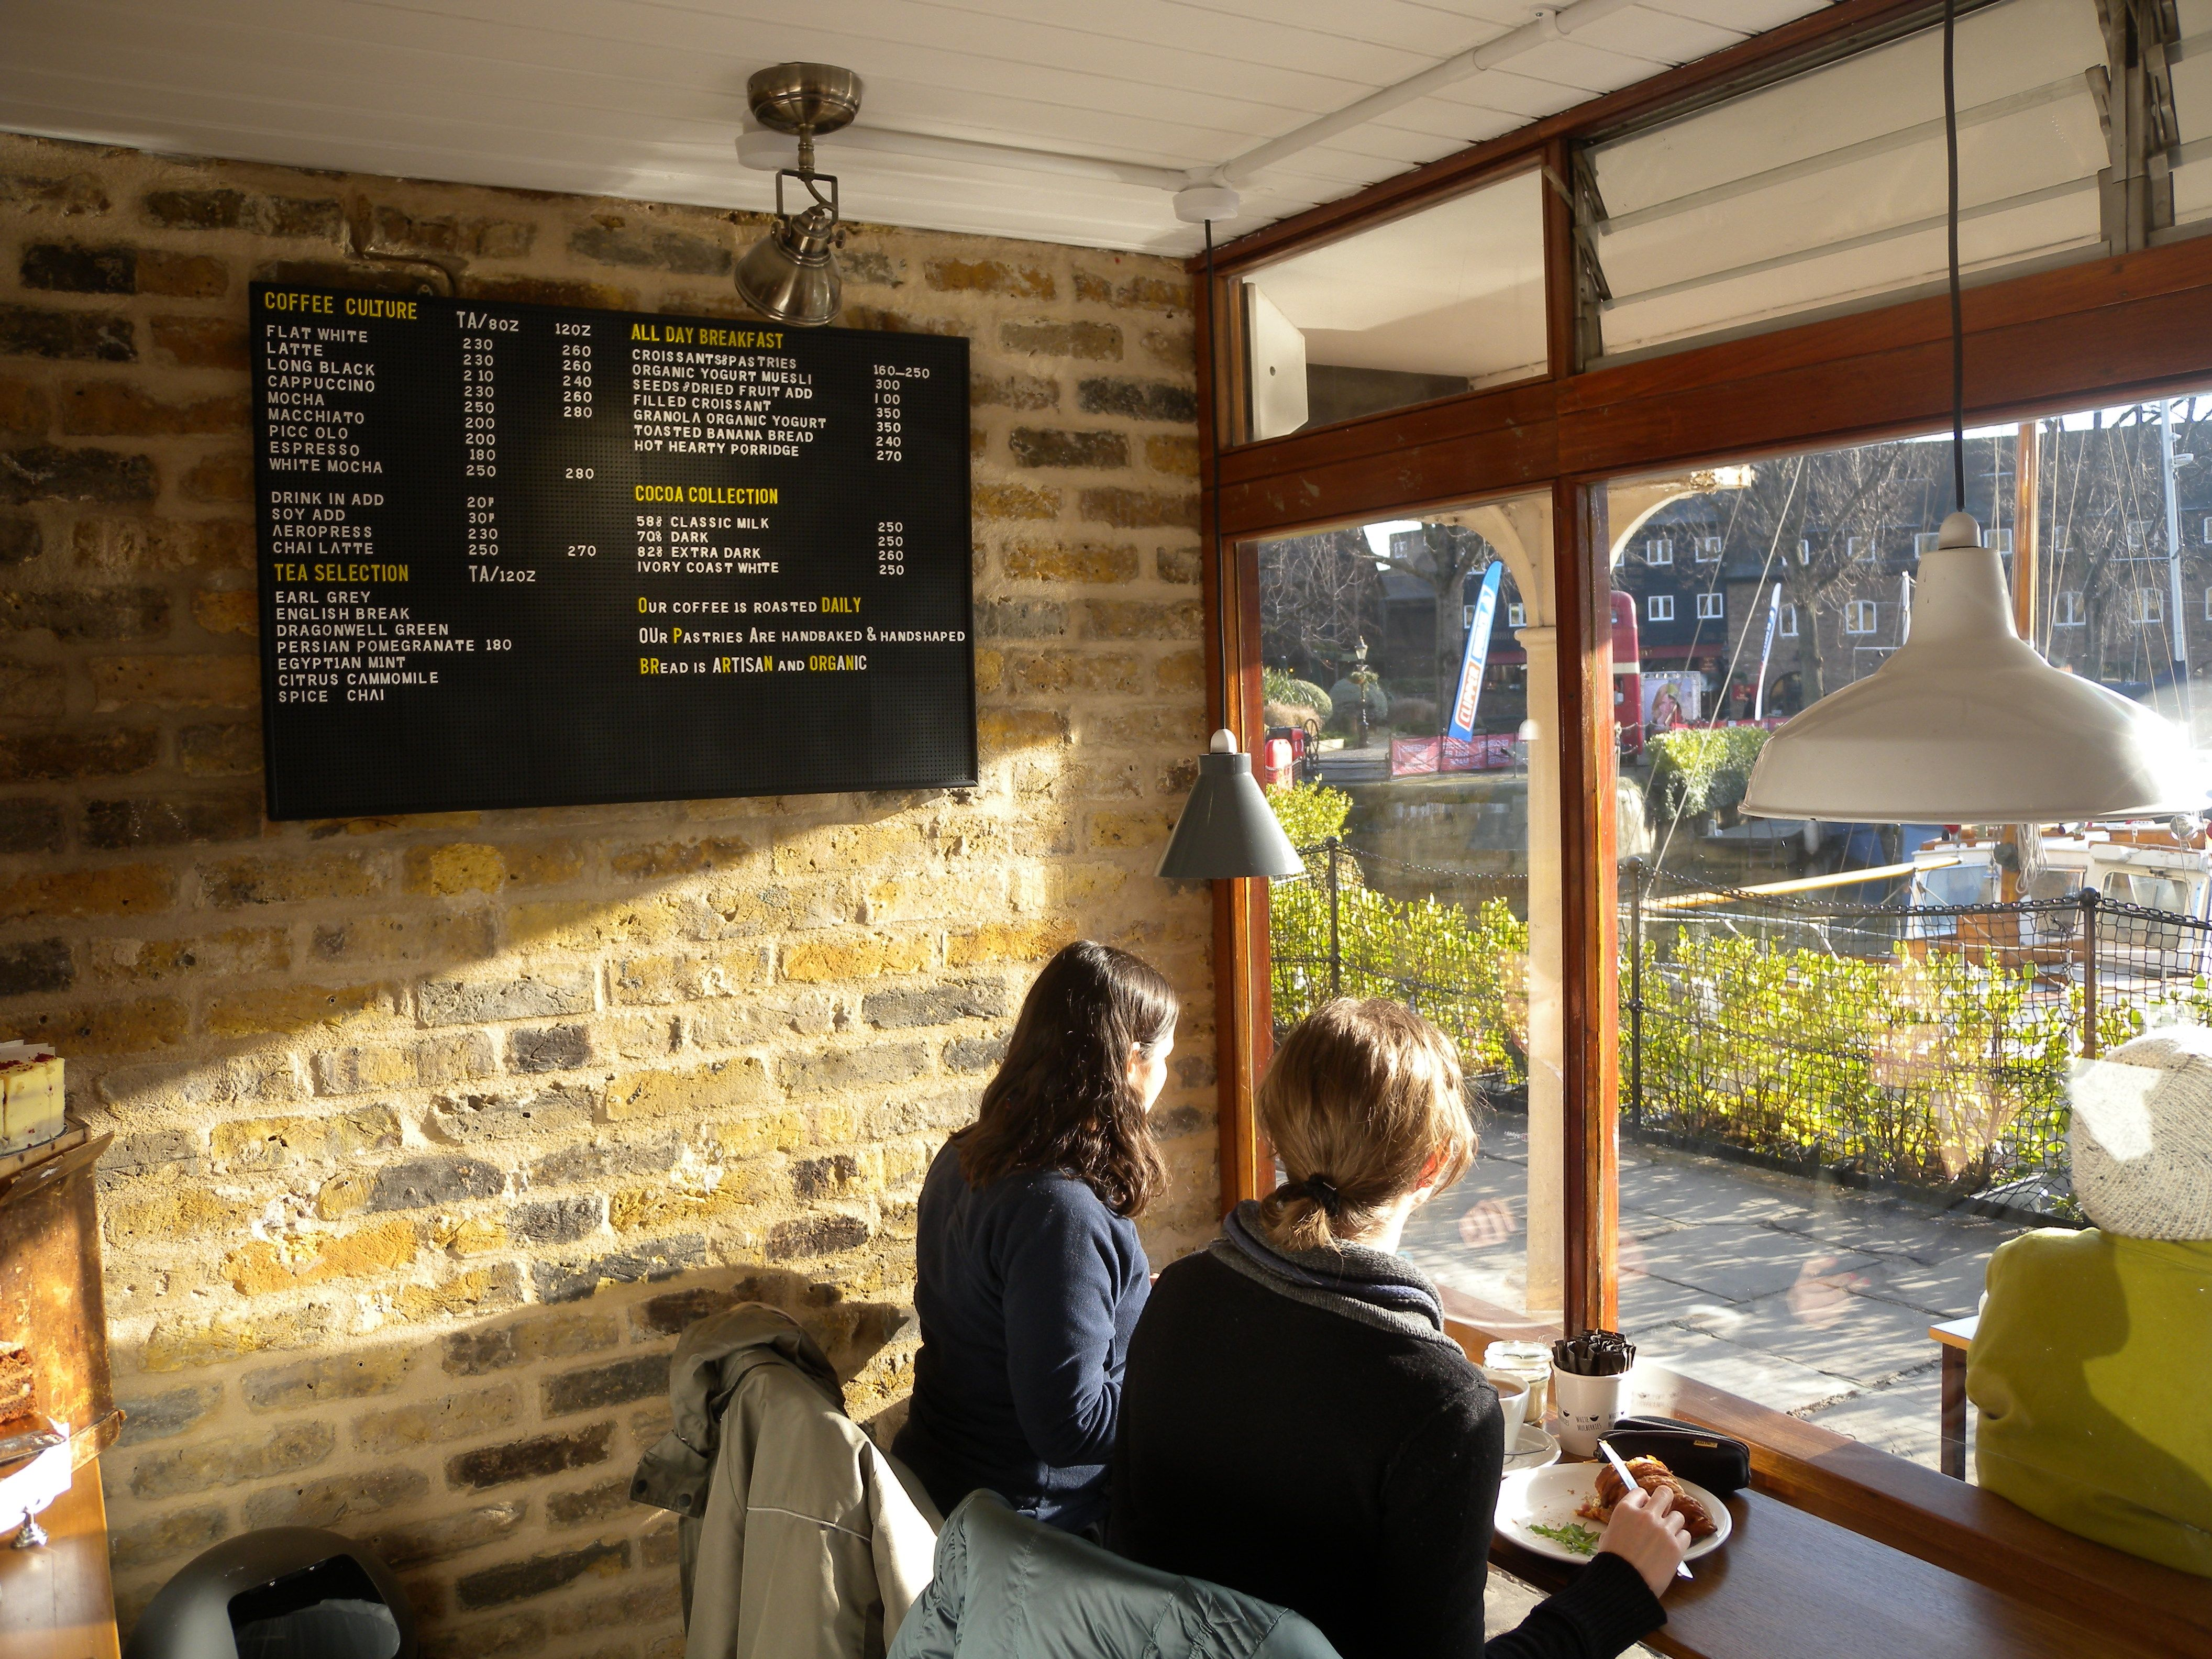 coffee shop interiors | interior: fascinating coffee shop interior